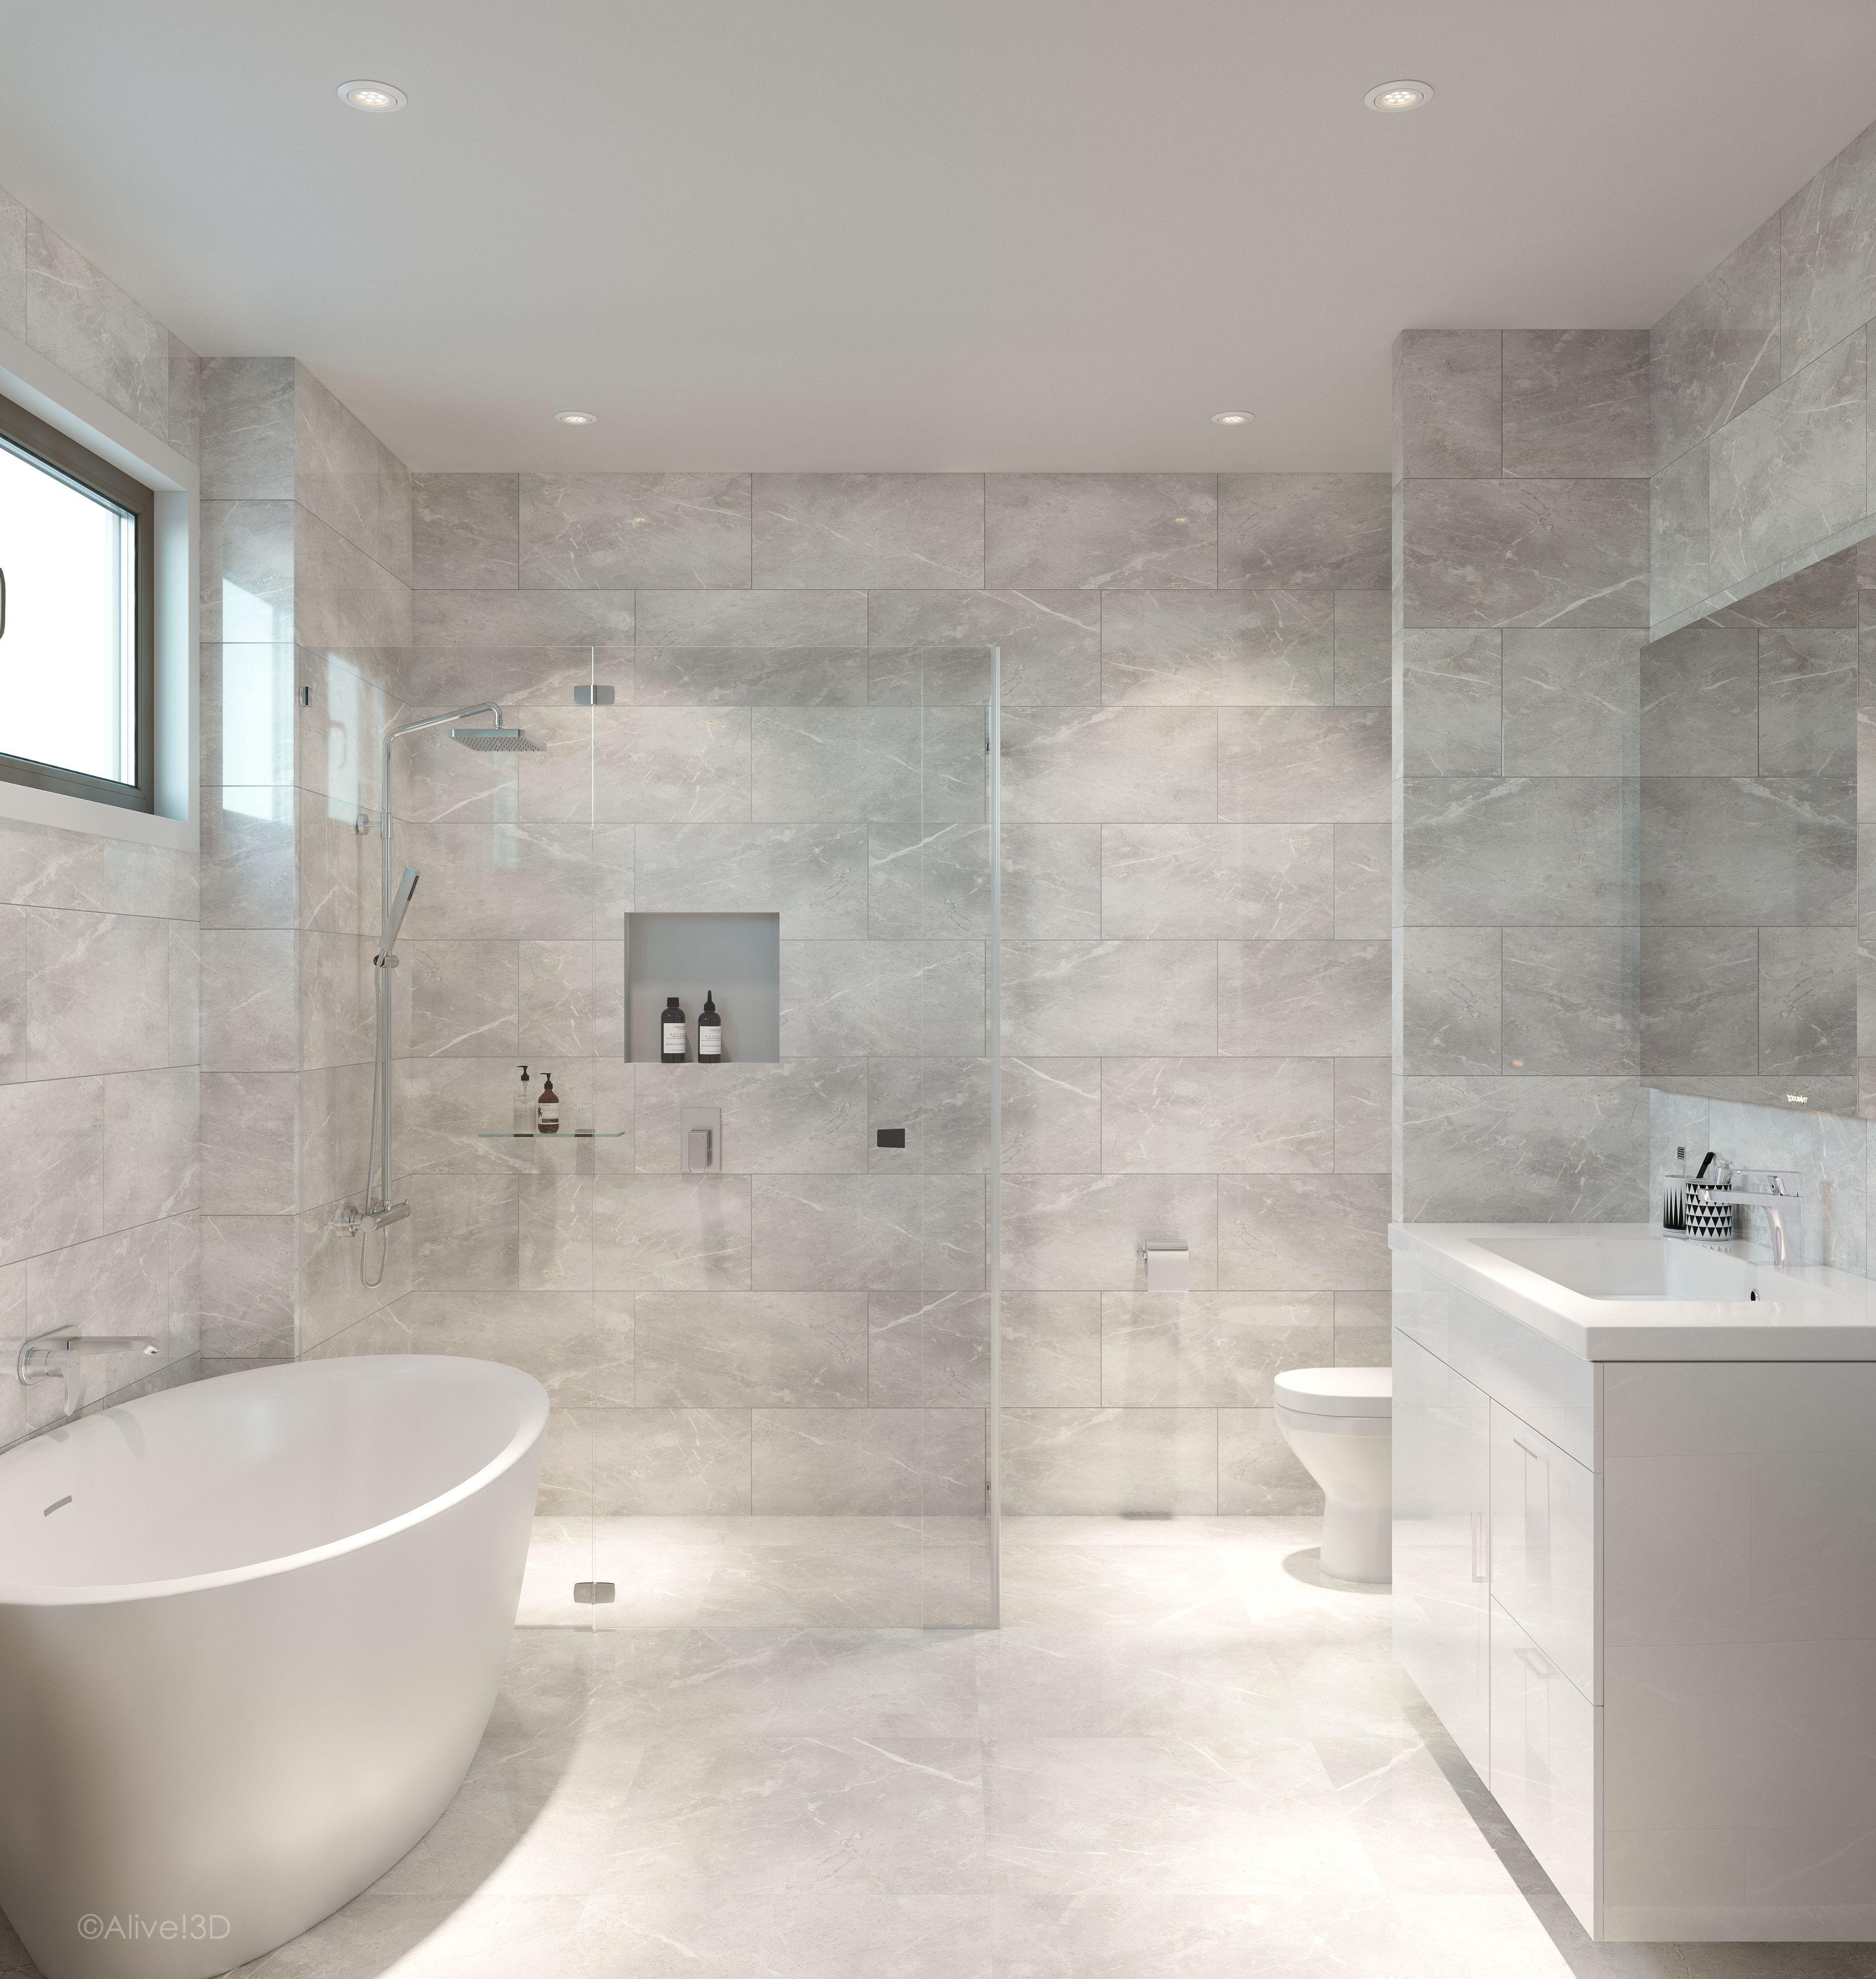 Luxury Ensuite Bathroom Design Inspiration Bathroom Inspiration Modern Modern Bathroom Ensuite bathroom design ideas